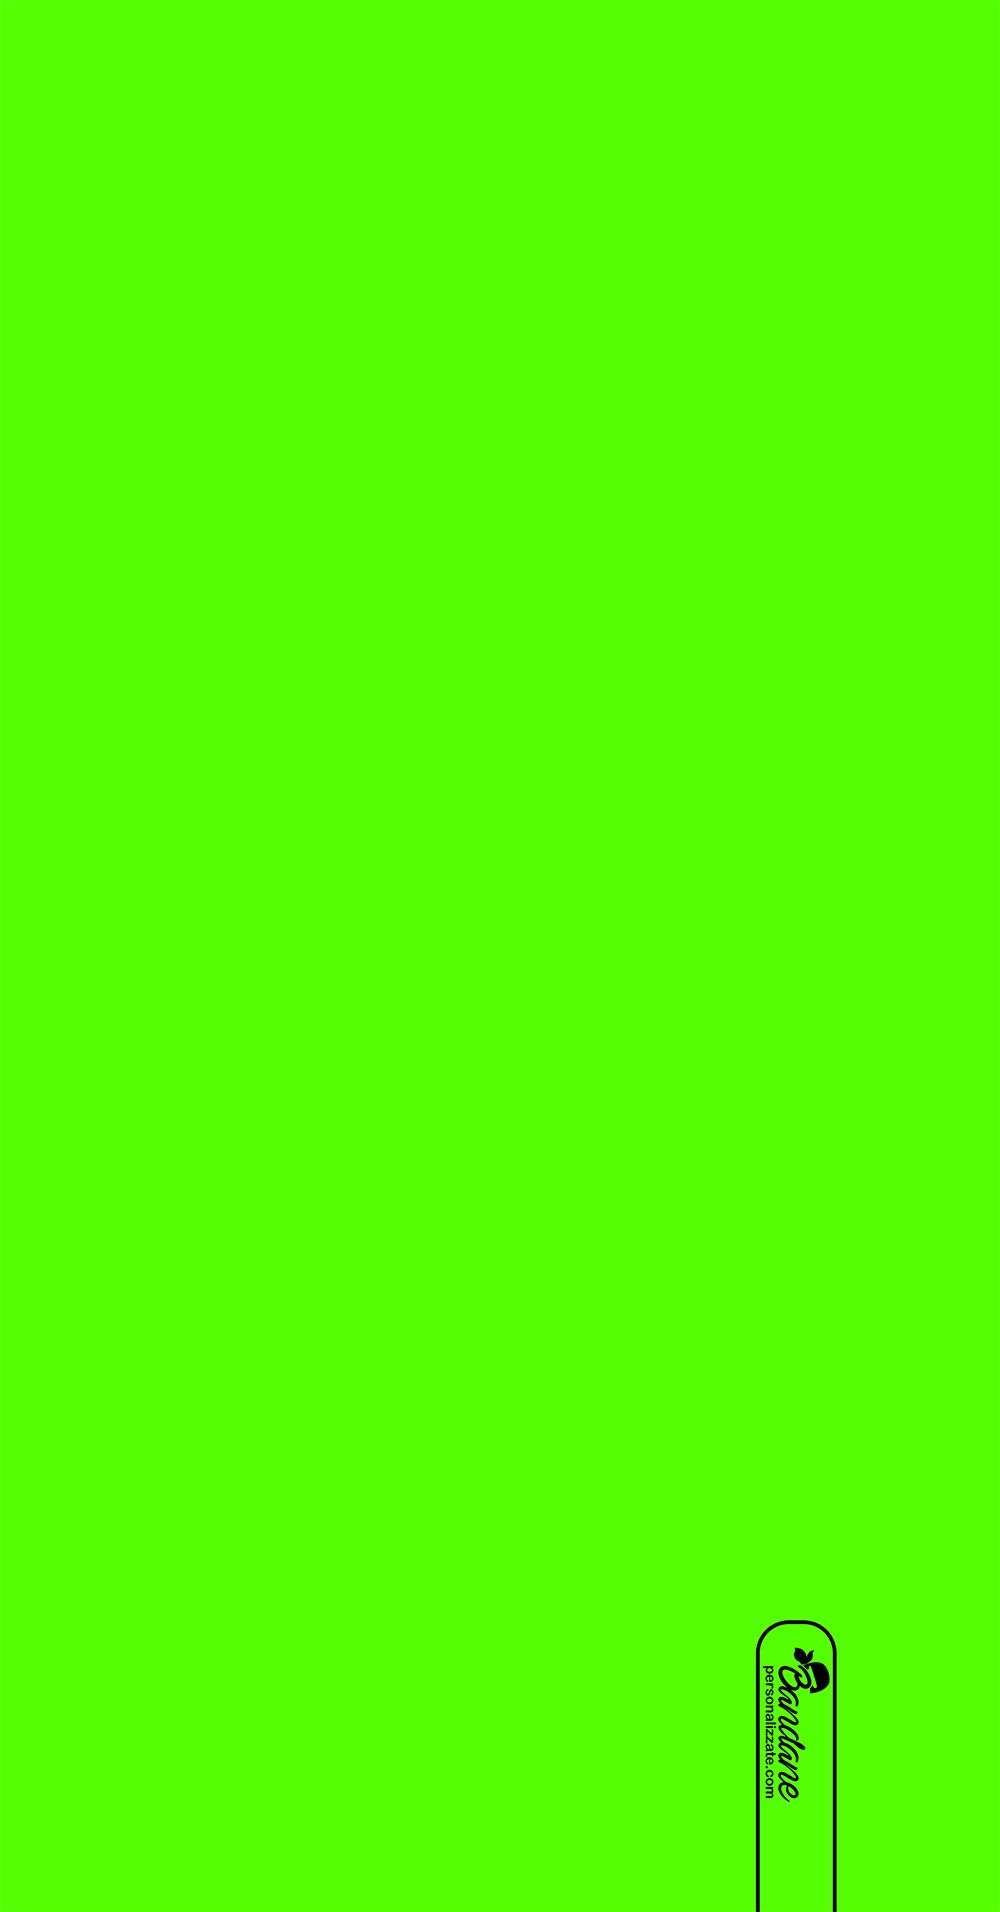 Bandana Verde Fluo Acquista Su Bandanepersonalizzatecom Shop